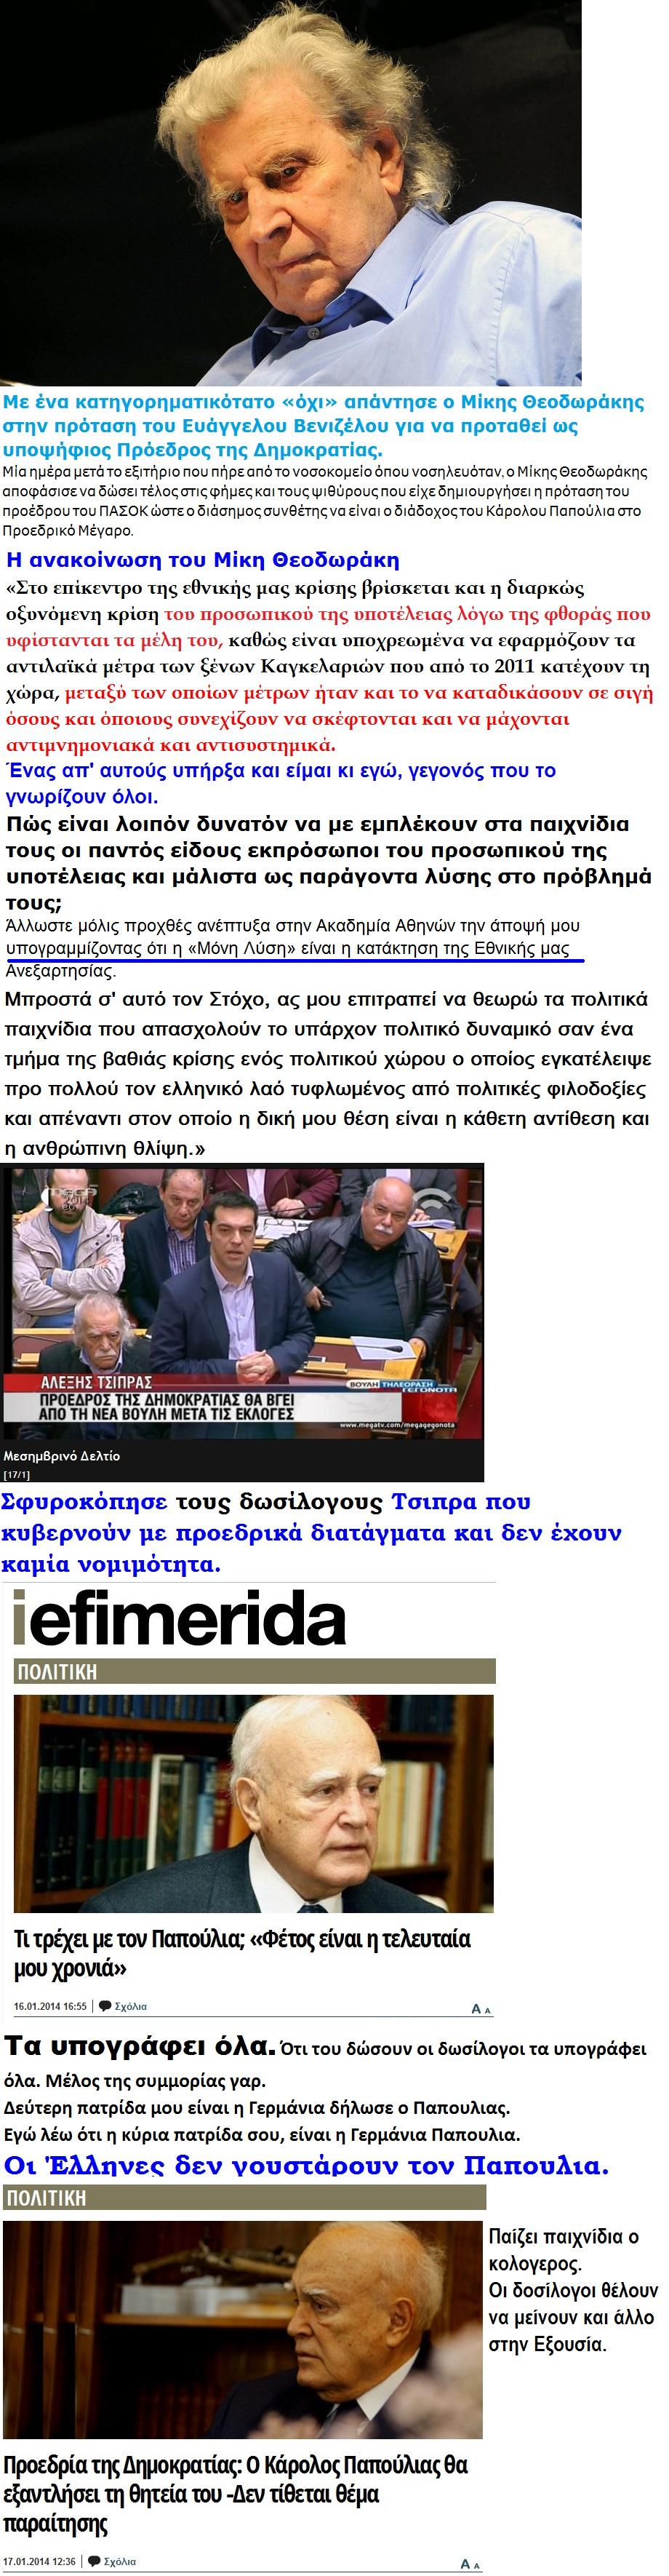 ELLADA MIKIS THEODORAKIS 02 170114